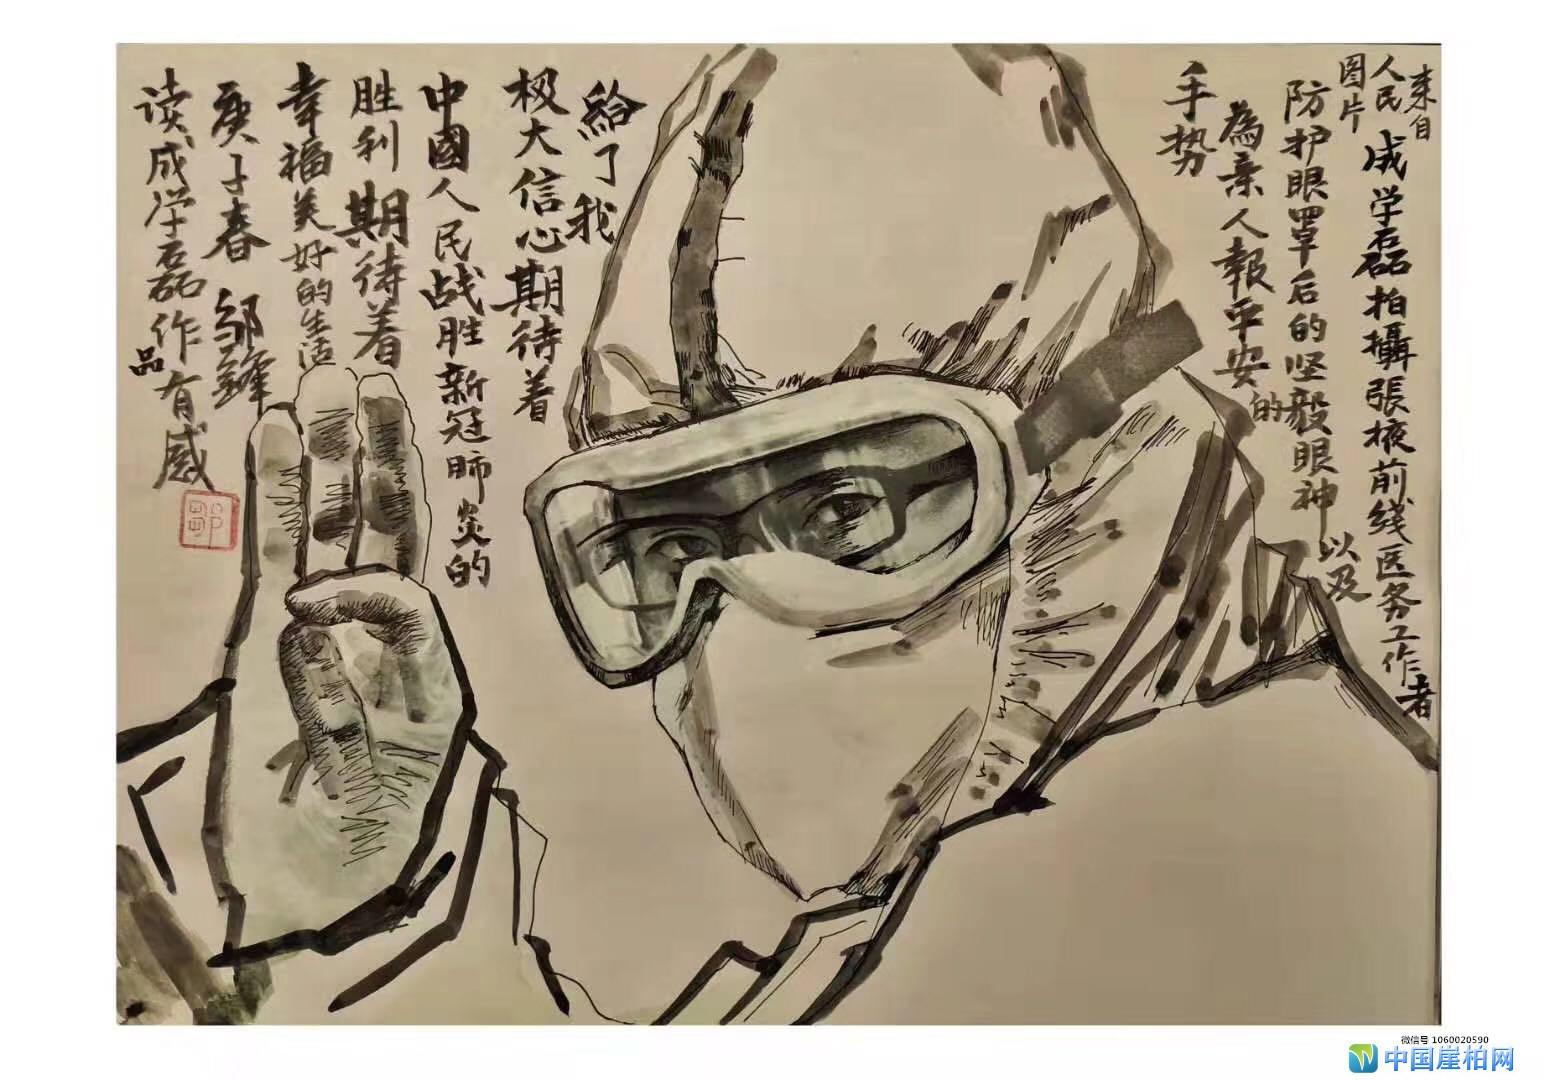 《沁园春·静 》:坚决打赢新冠肺炎这场阻击战